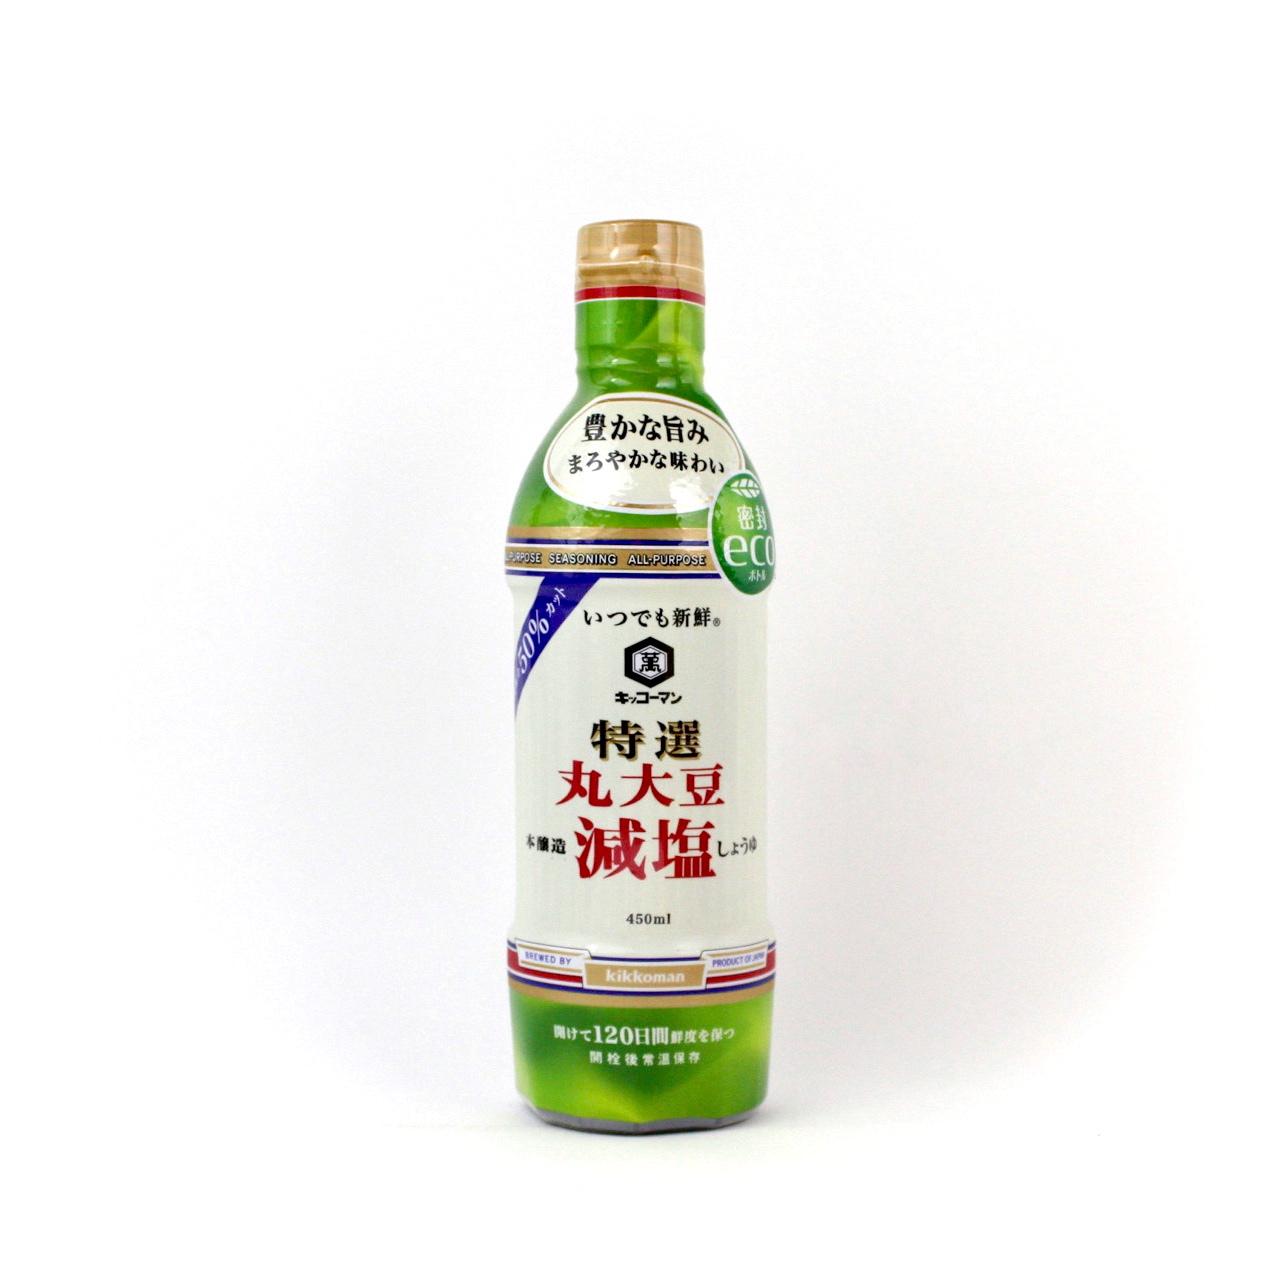 KIKKOMAN SHOYU SHINSEN TOKUSEN MARUDAIZU GENEN 450ml